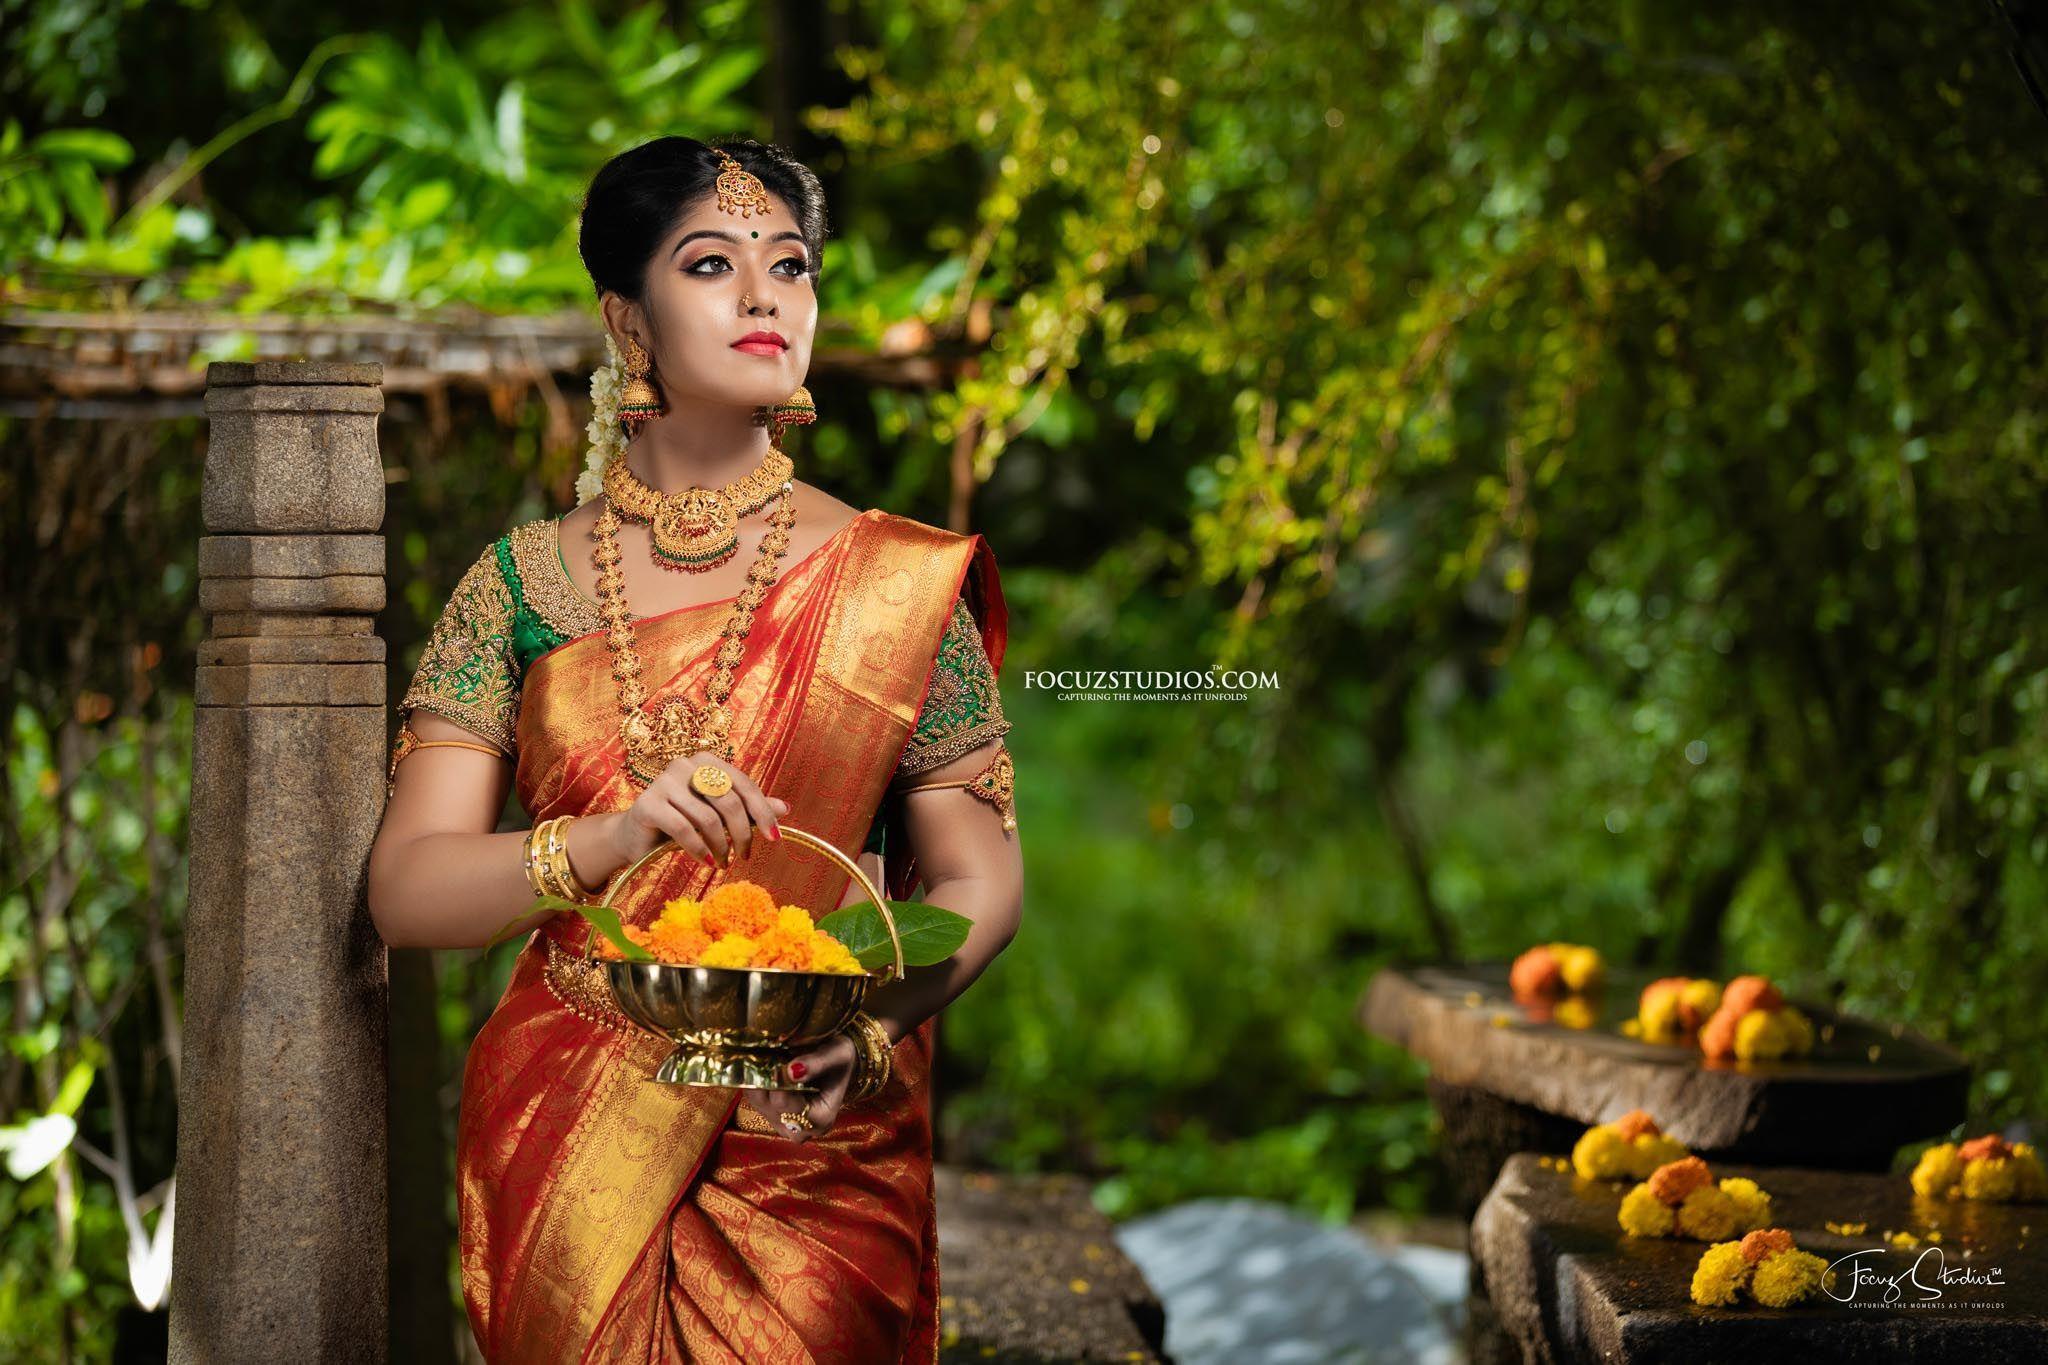 Best South Indian Bridal Portrait Poses Focuz Studios #bridalportraitposes Best South Indian Bridal Portrait Poses Focuz Studios #bridalportraitposes